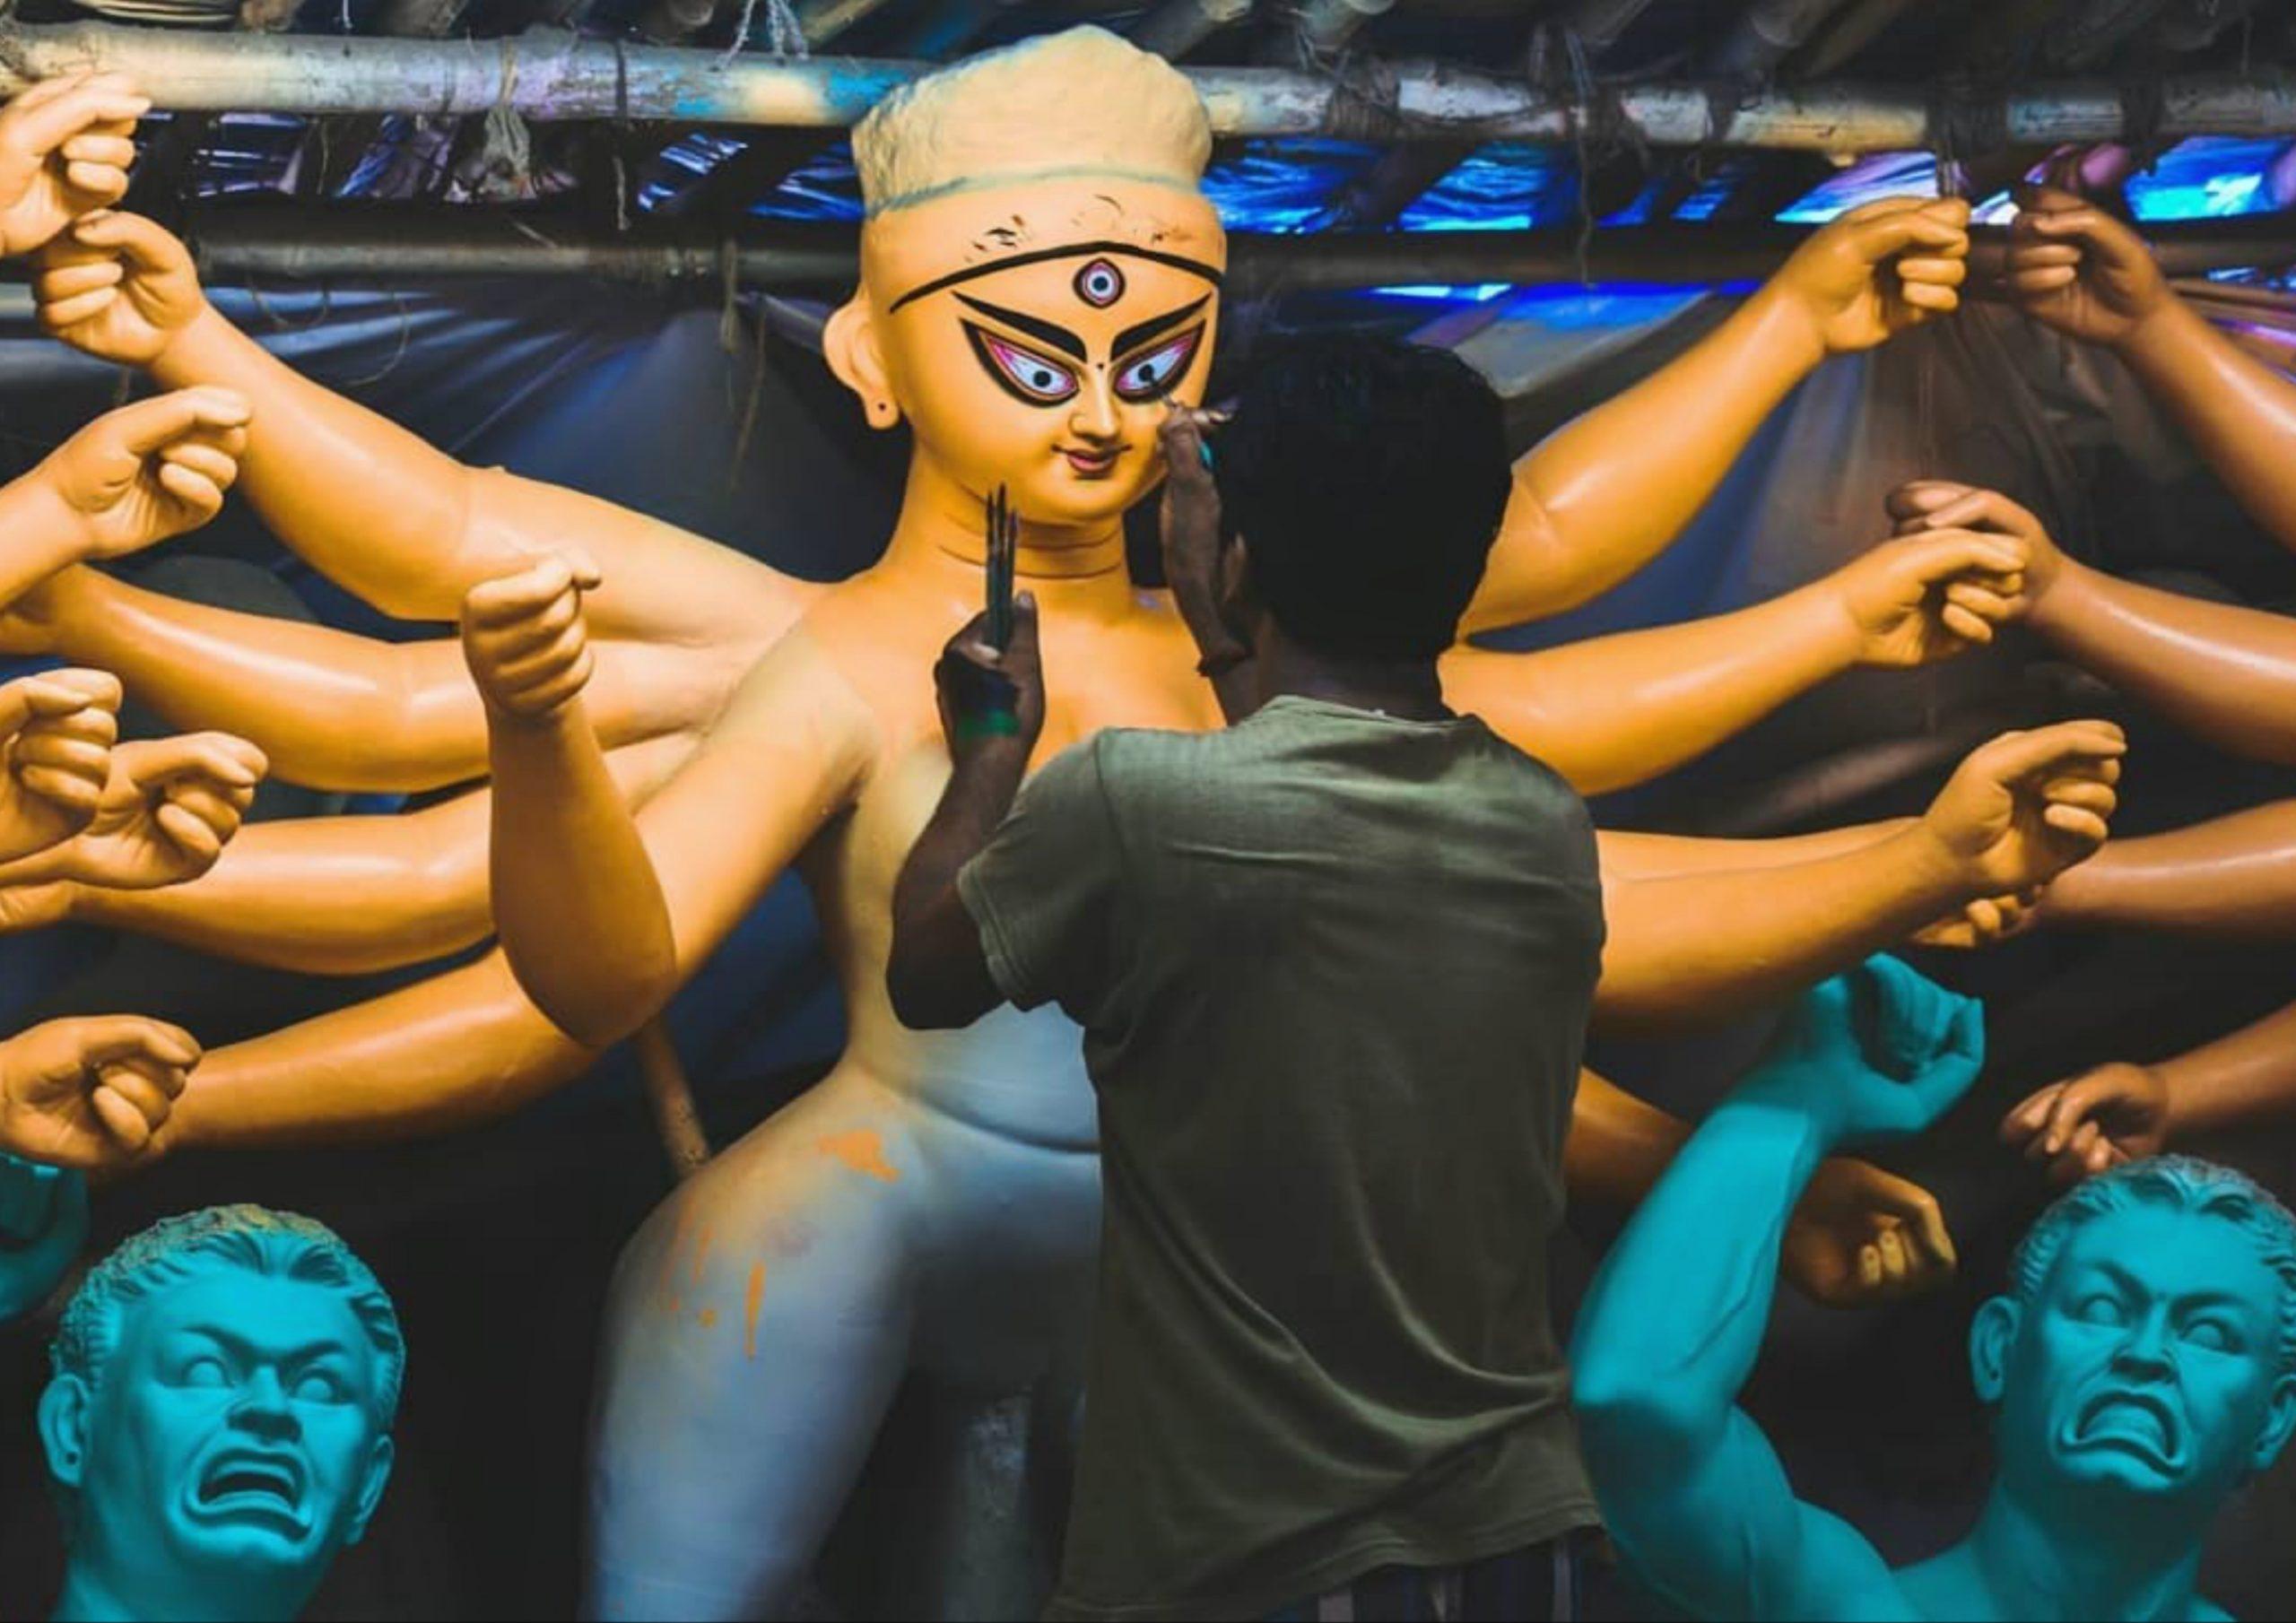 An artist painting Goddess statue